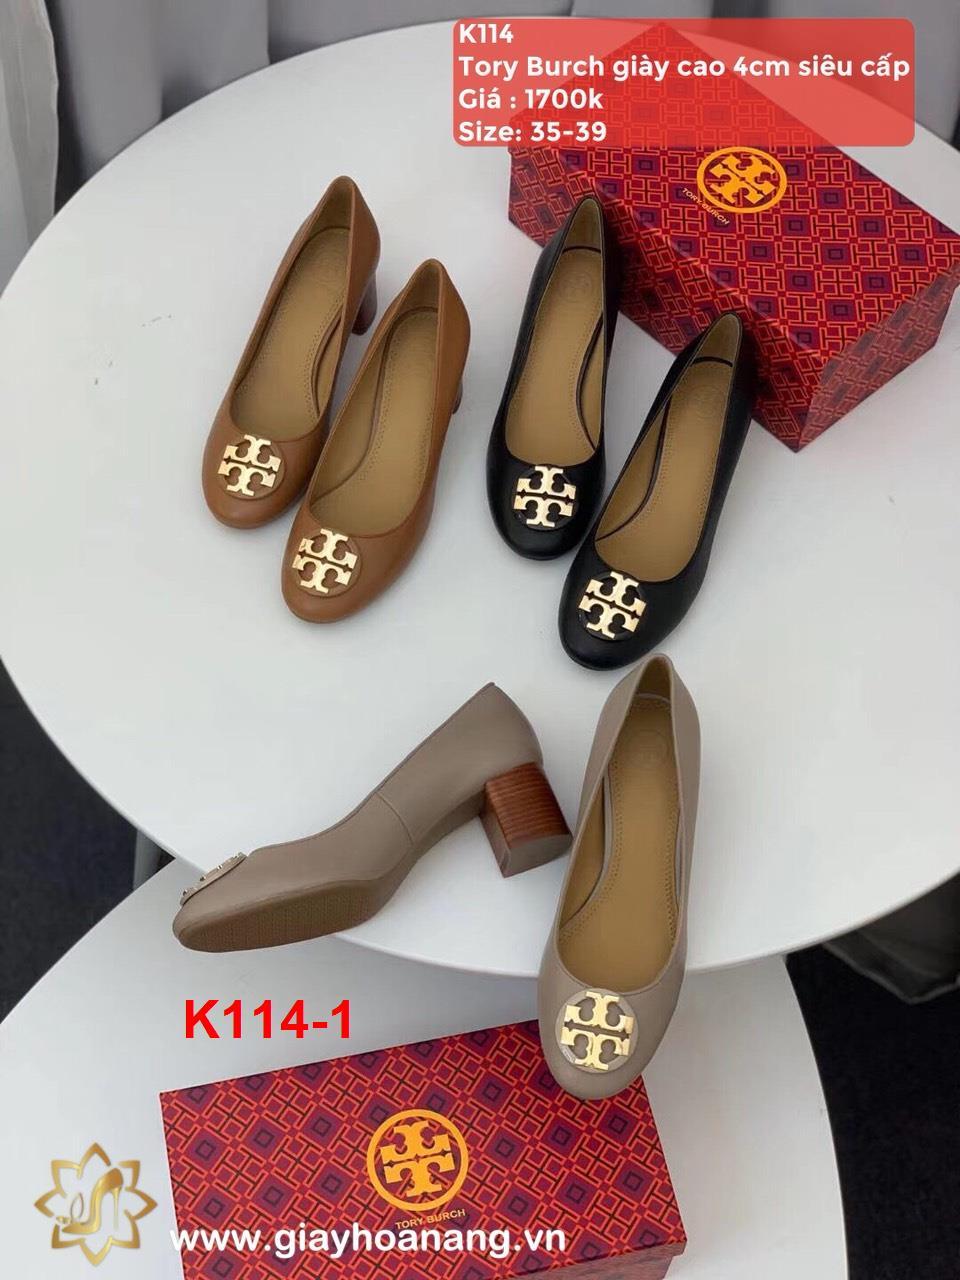 K114-1 Tory Burch giày cao 4cm siêu cấp